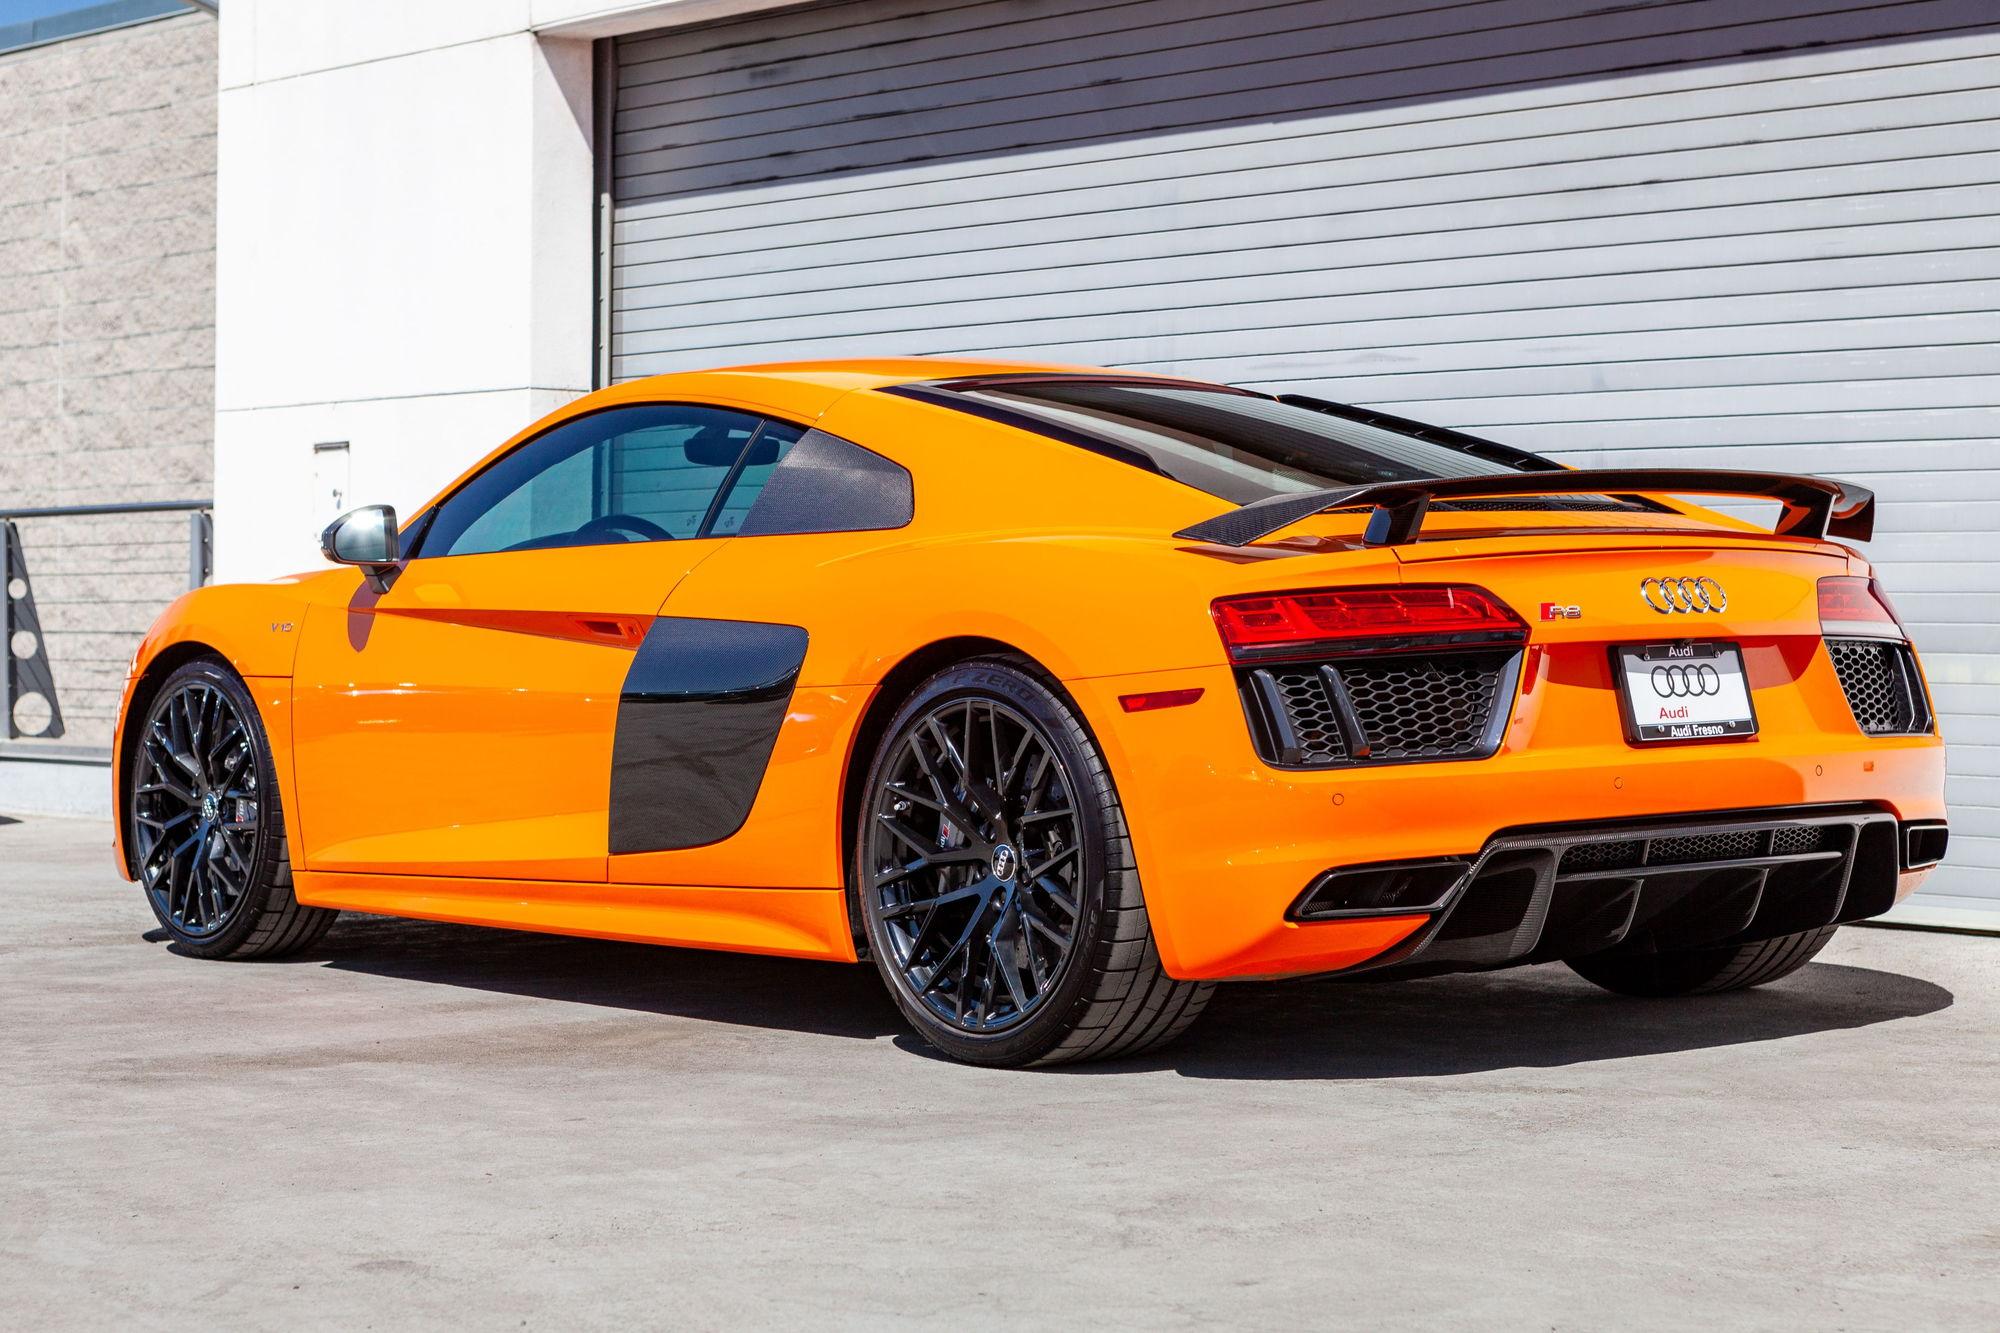 Dealer Inventory Solar Orange R8 V10 Plus Rennlist Porsche Discussion Forums